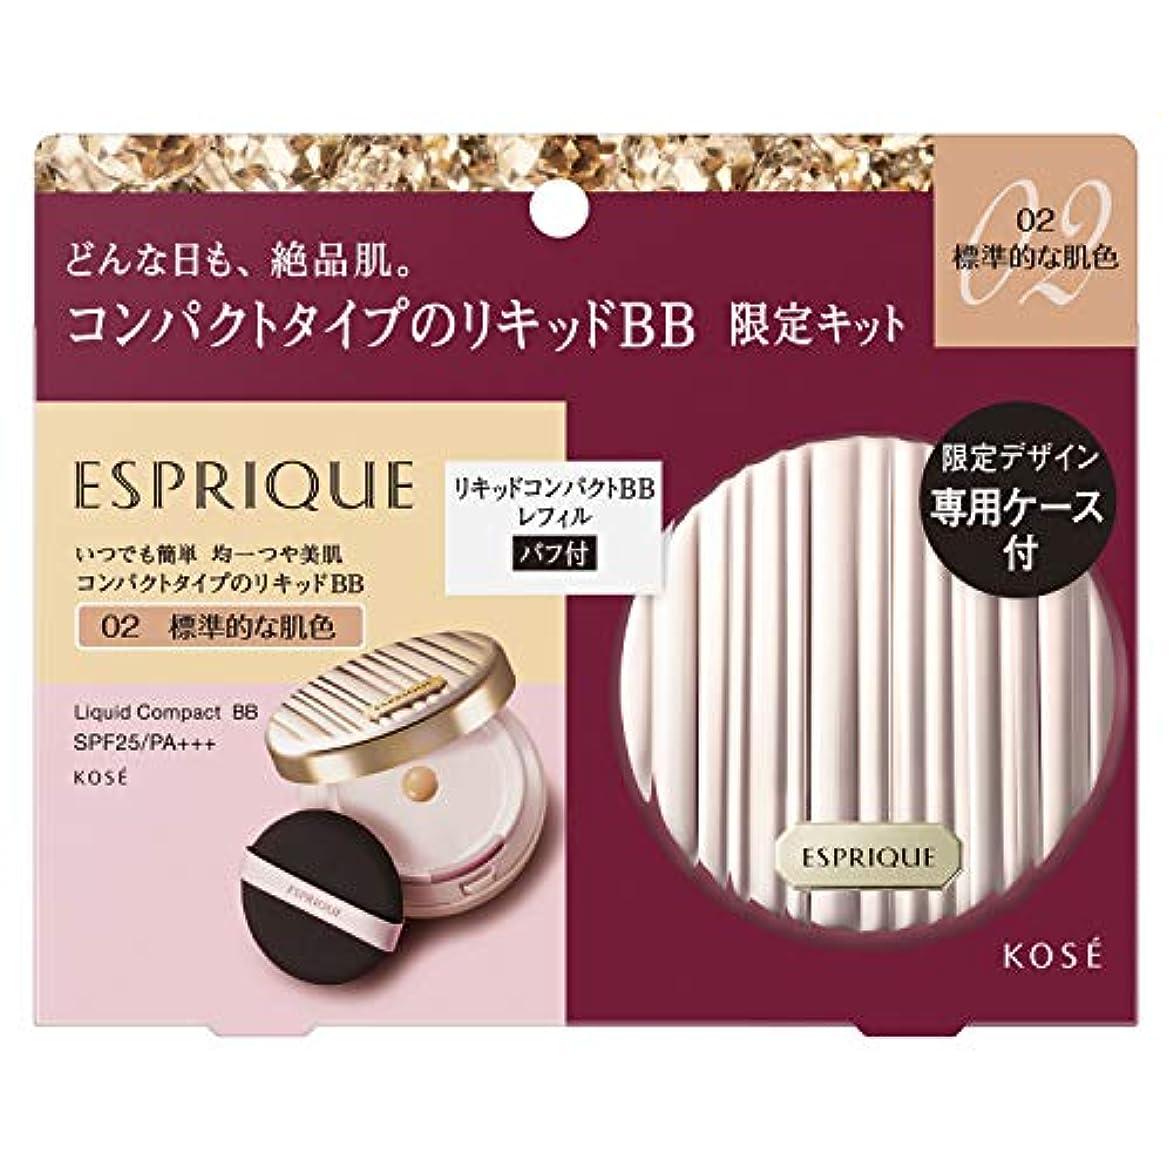 可塑性キャップ数字ESPRIQUE(エスプリーク) エスプリーク リキッド コンパクト BB 限定キット 2 BBクリーム 02 標準的な肌色 セット 13g+ケース付き